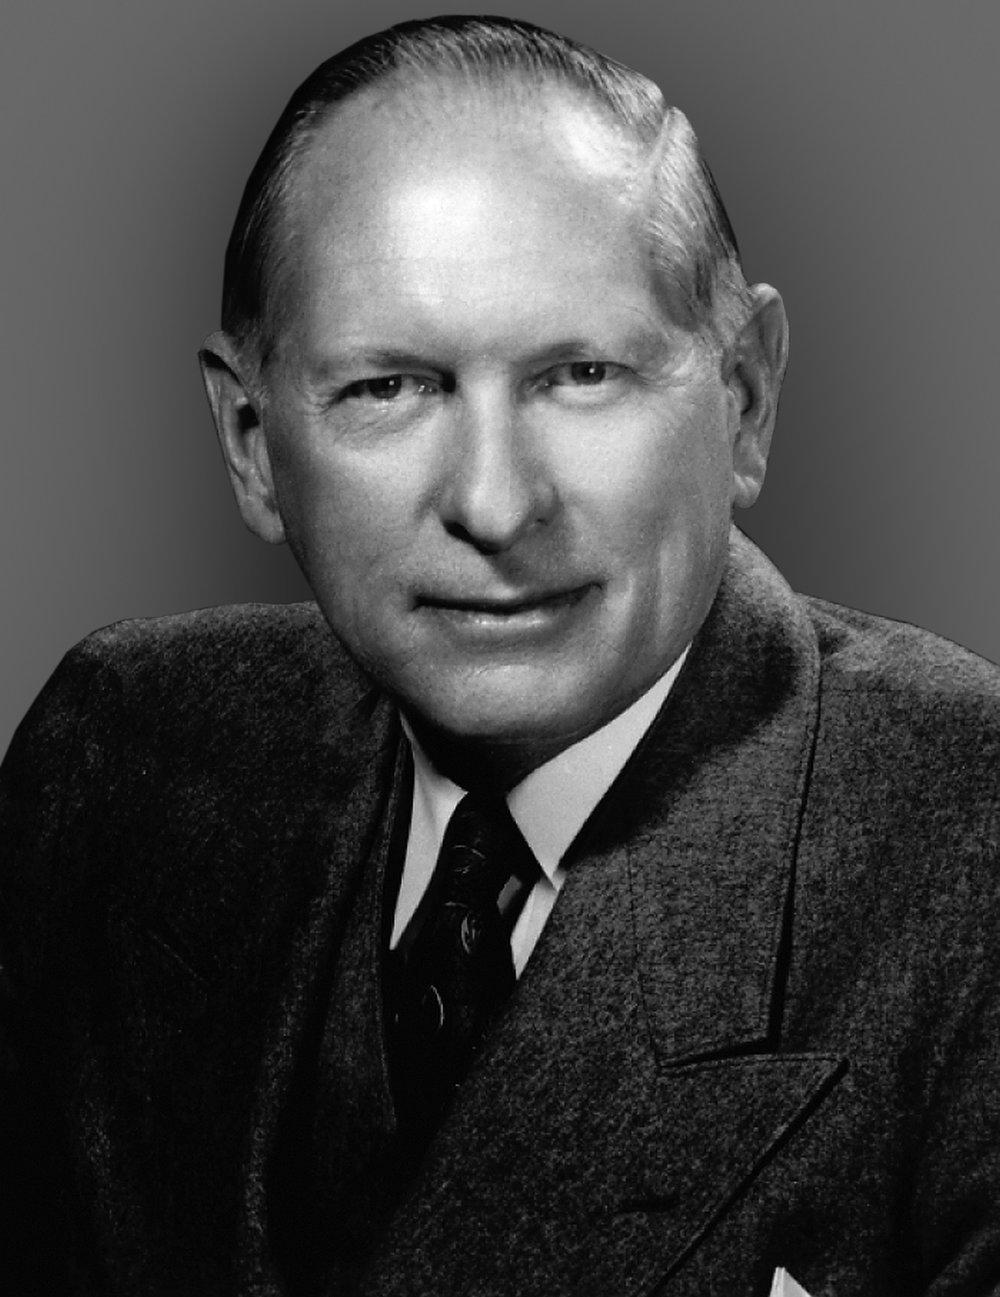 Thomas B. Stanley, Sr.